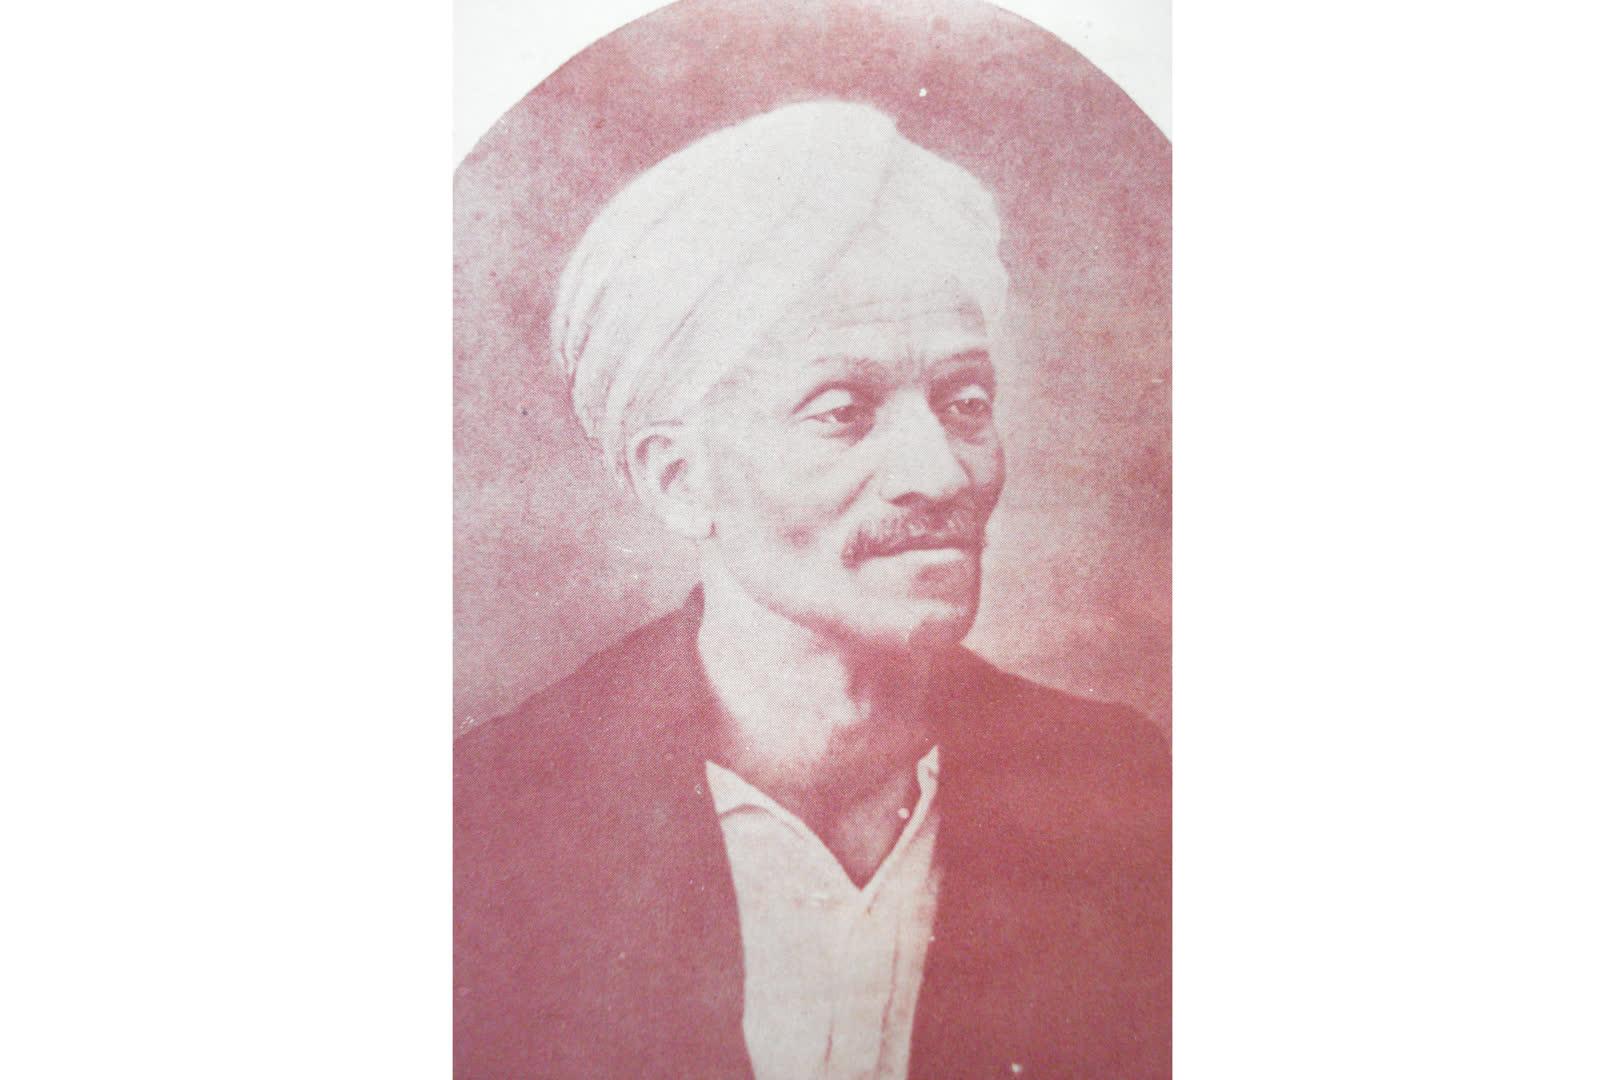 वी.के. राजवाड़े: महाराष्ट्र के इतिहास का व्यापक शोध करने वाले पहले व्यक्ति